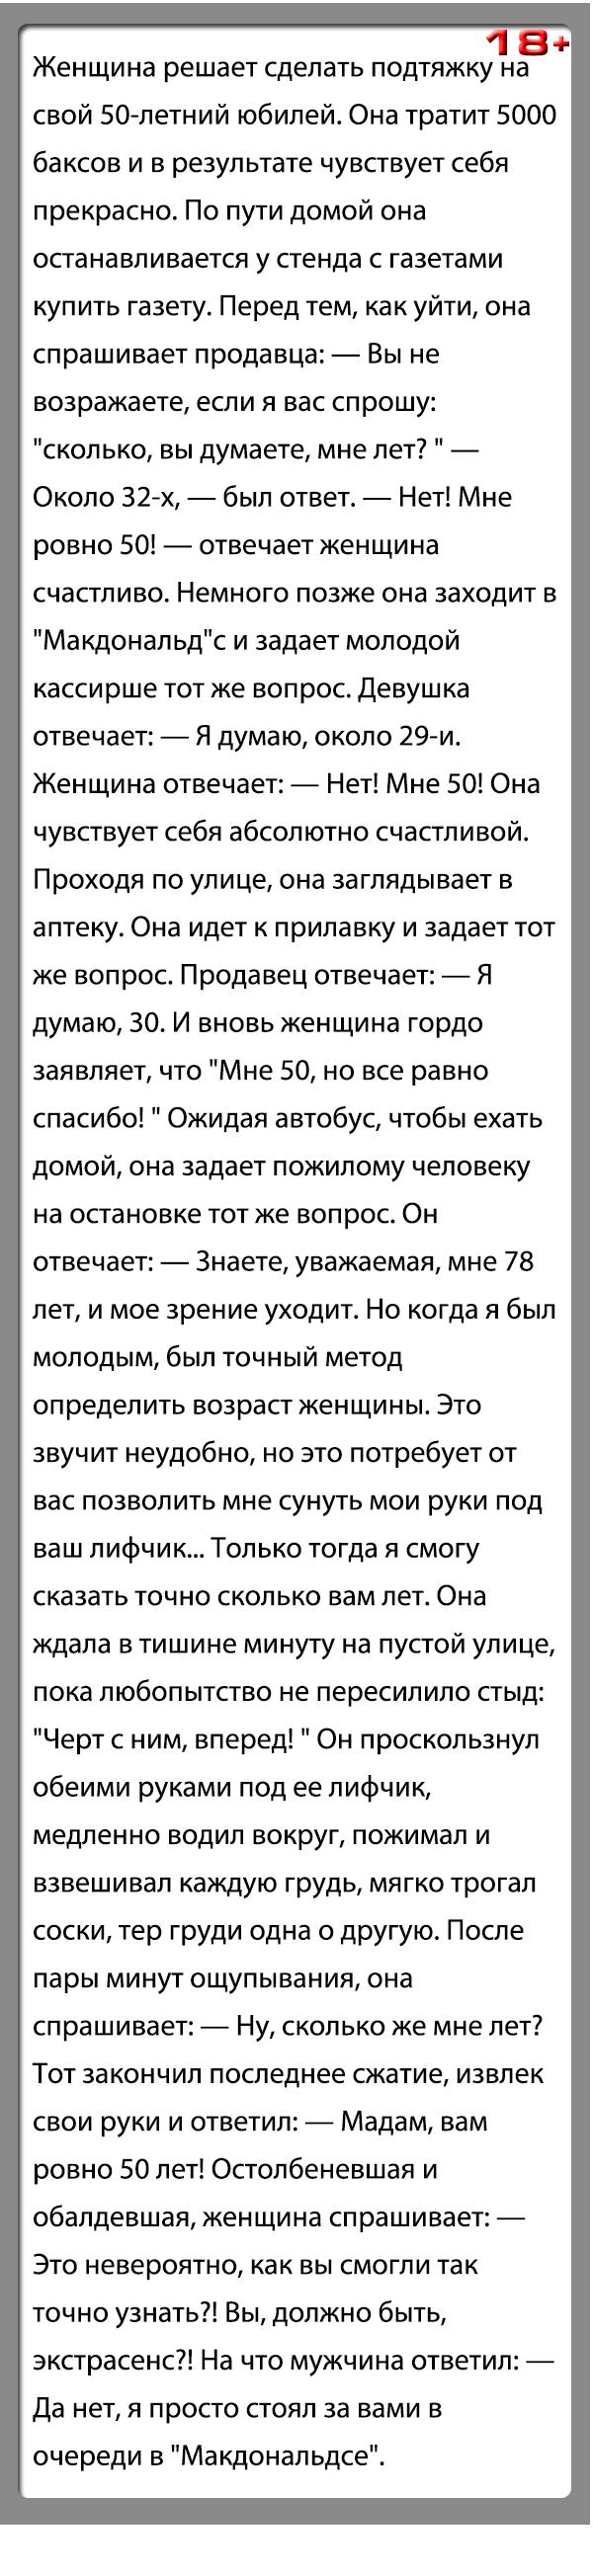 """Анекдот """"Подтяжка на 50-летний юбилей"""""""